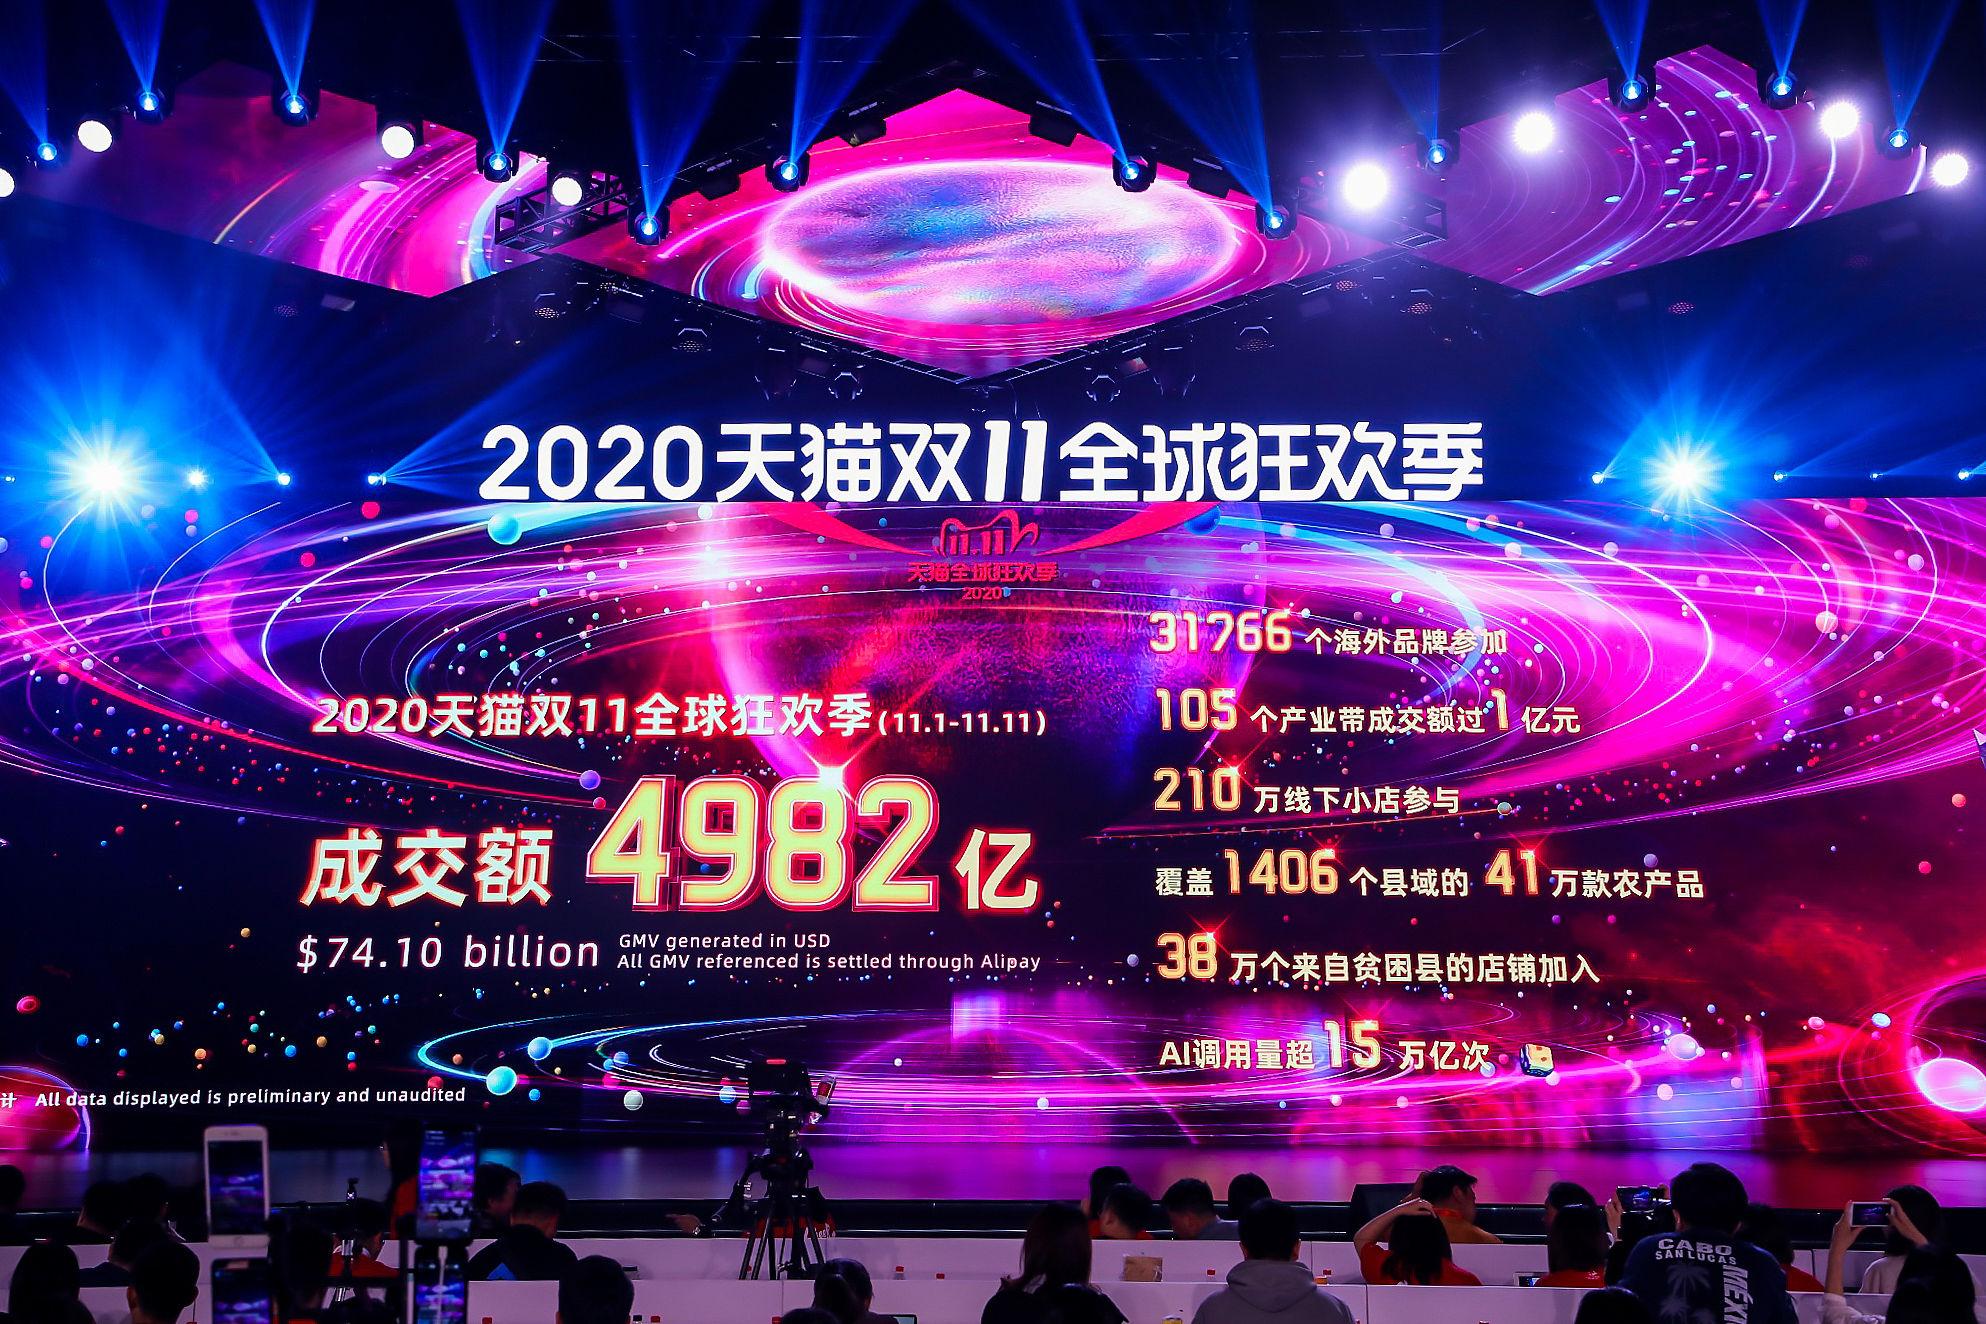 全球资讯_天猫双 11 成交额 4982 亿;微软小冰公测虚拟女友;字节今年广告 ...